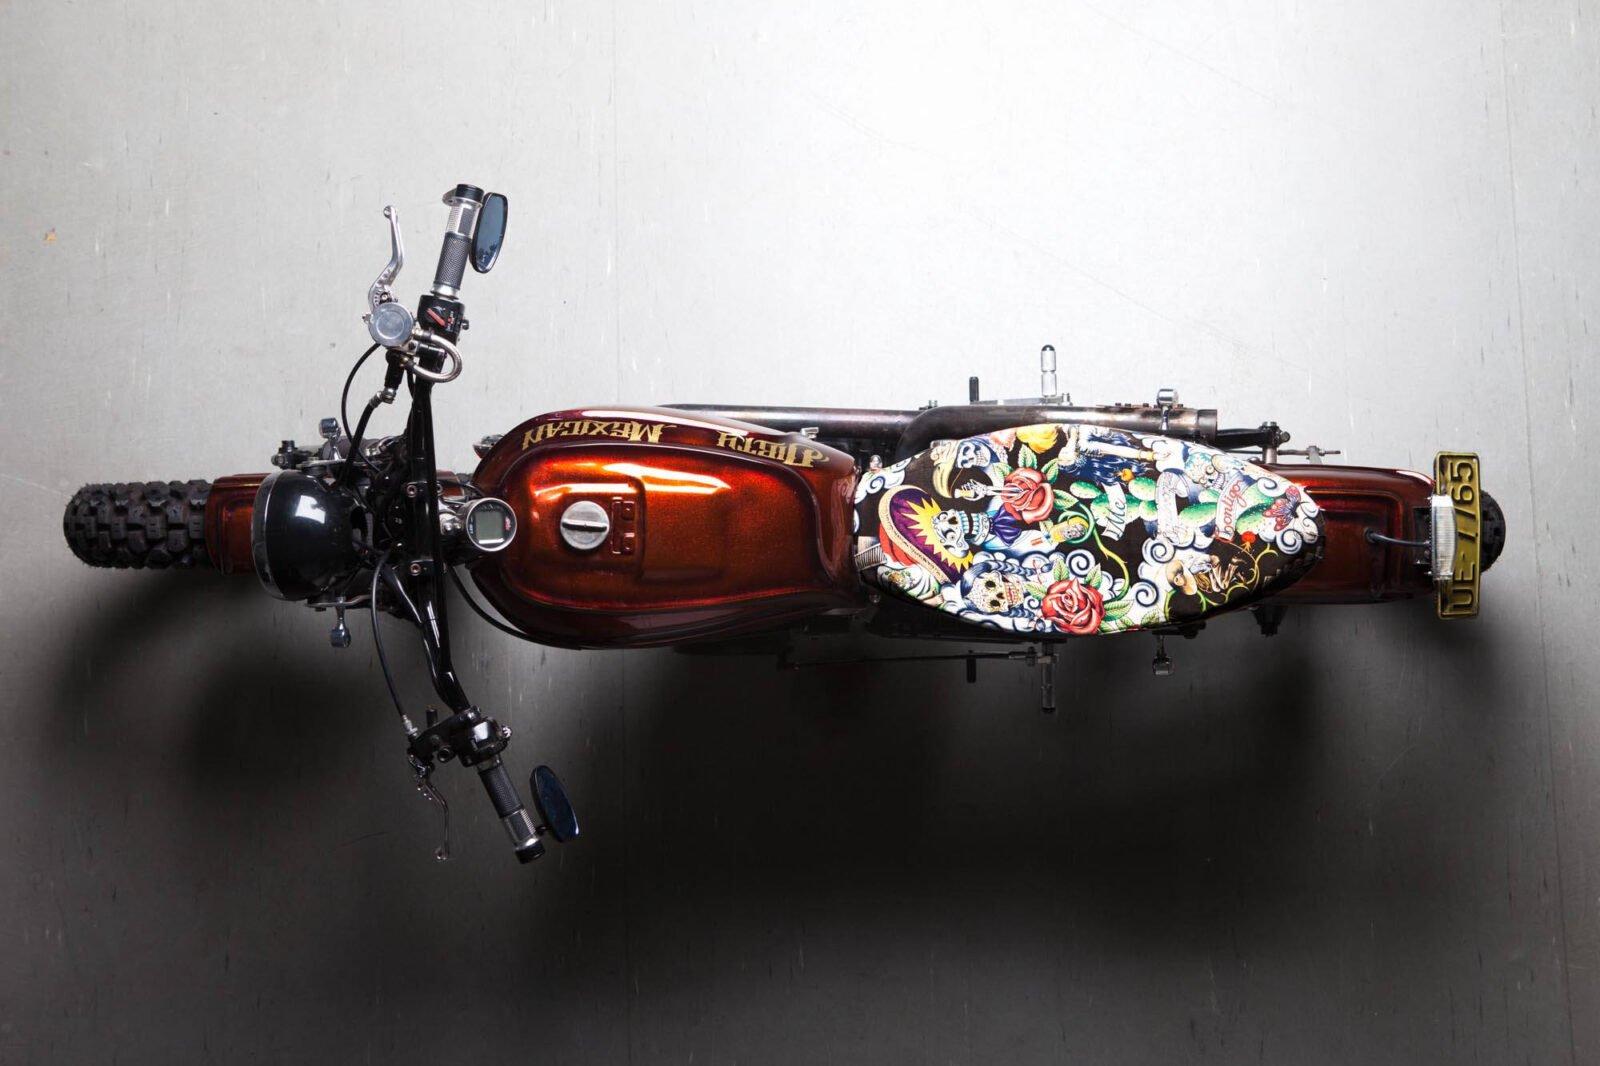 Yamaha XV750 14 1600x1066 - Yamaha XV750 Scrambler